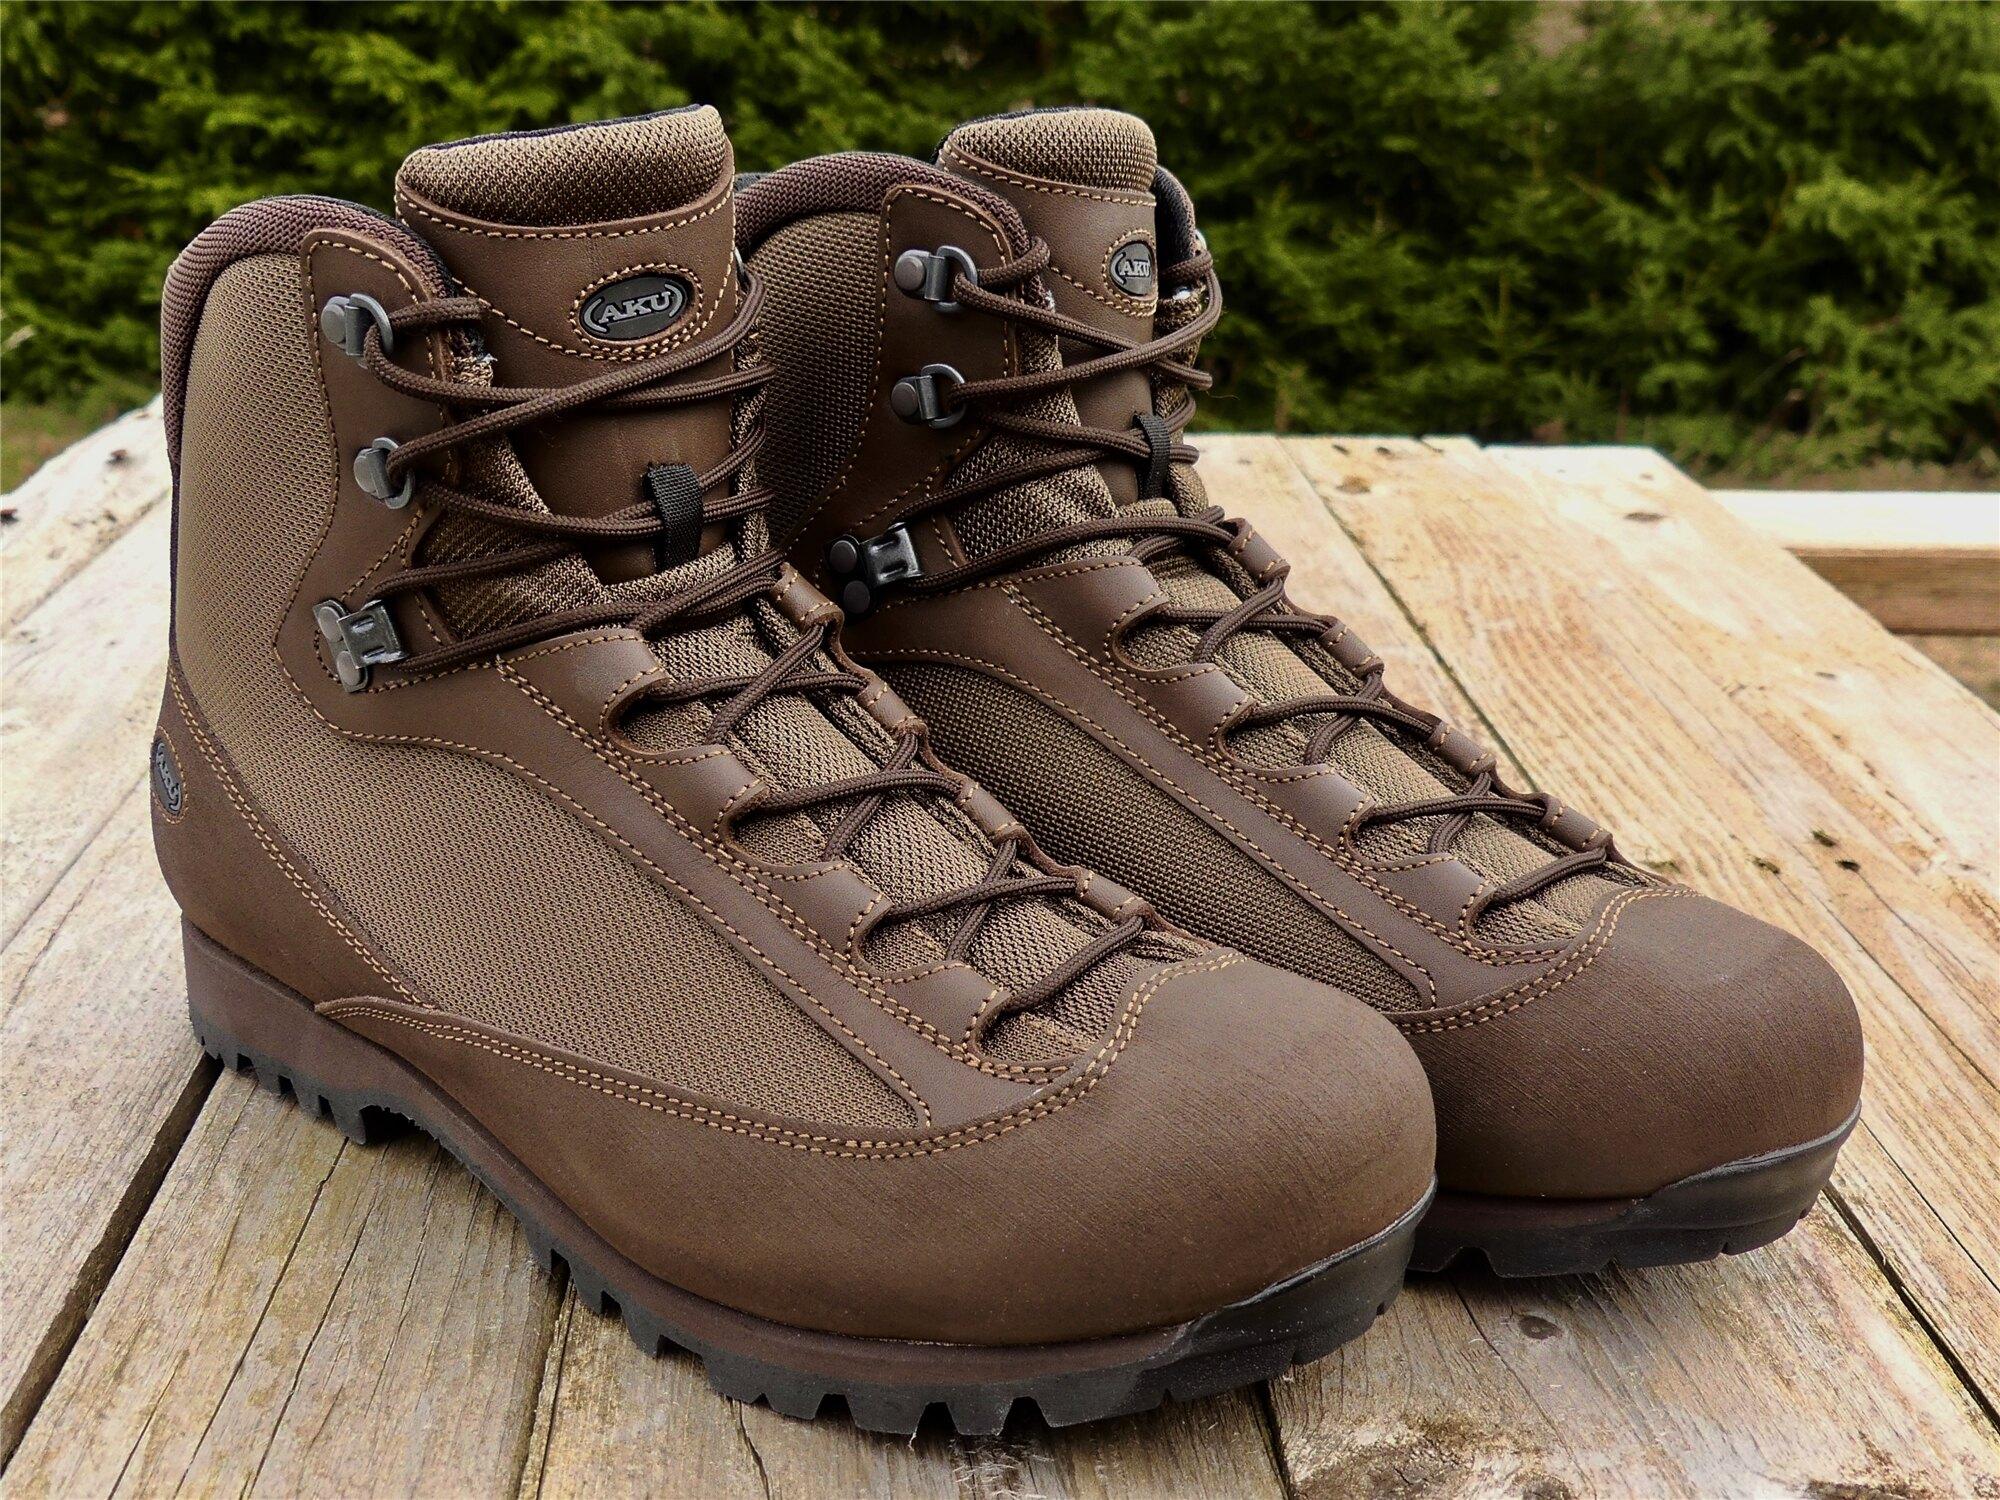 Topánky AKU Tactical® Pilgrim GTX® Combat FG M - hnedé (Farba: Hnedá, Veľkosť: 46 (EU))